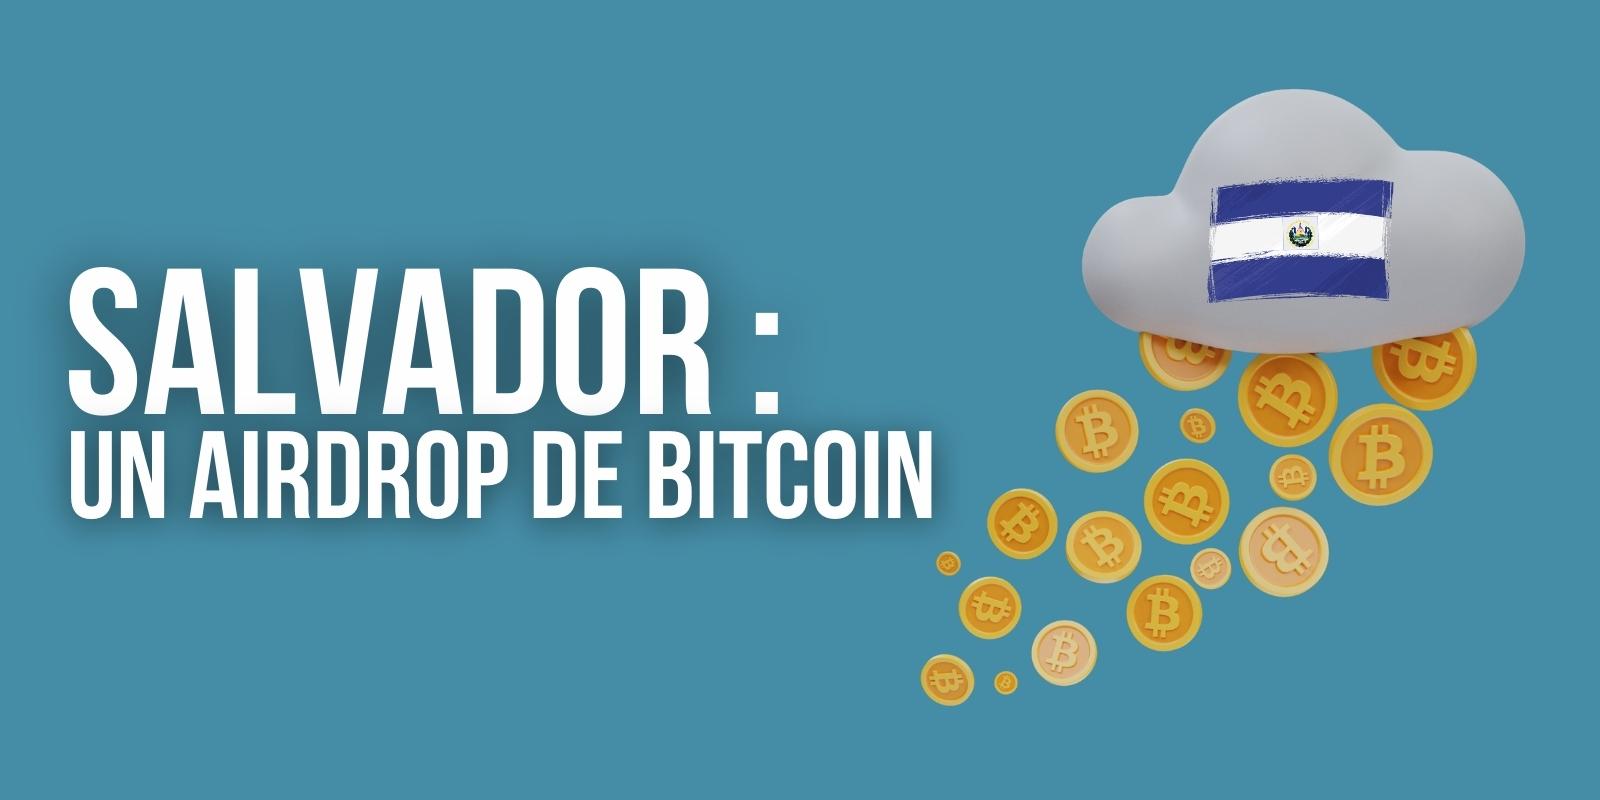 Le Salvador va distribuer du Bitcoin (BTC) à tous ses habitants